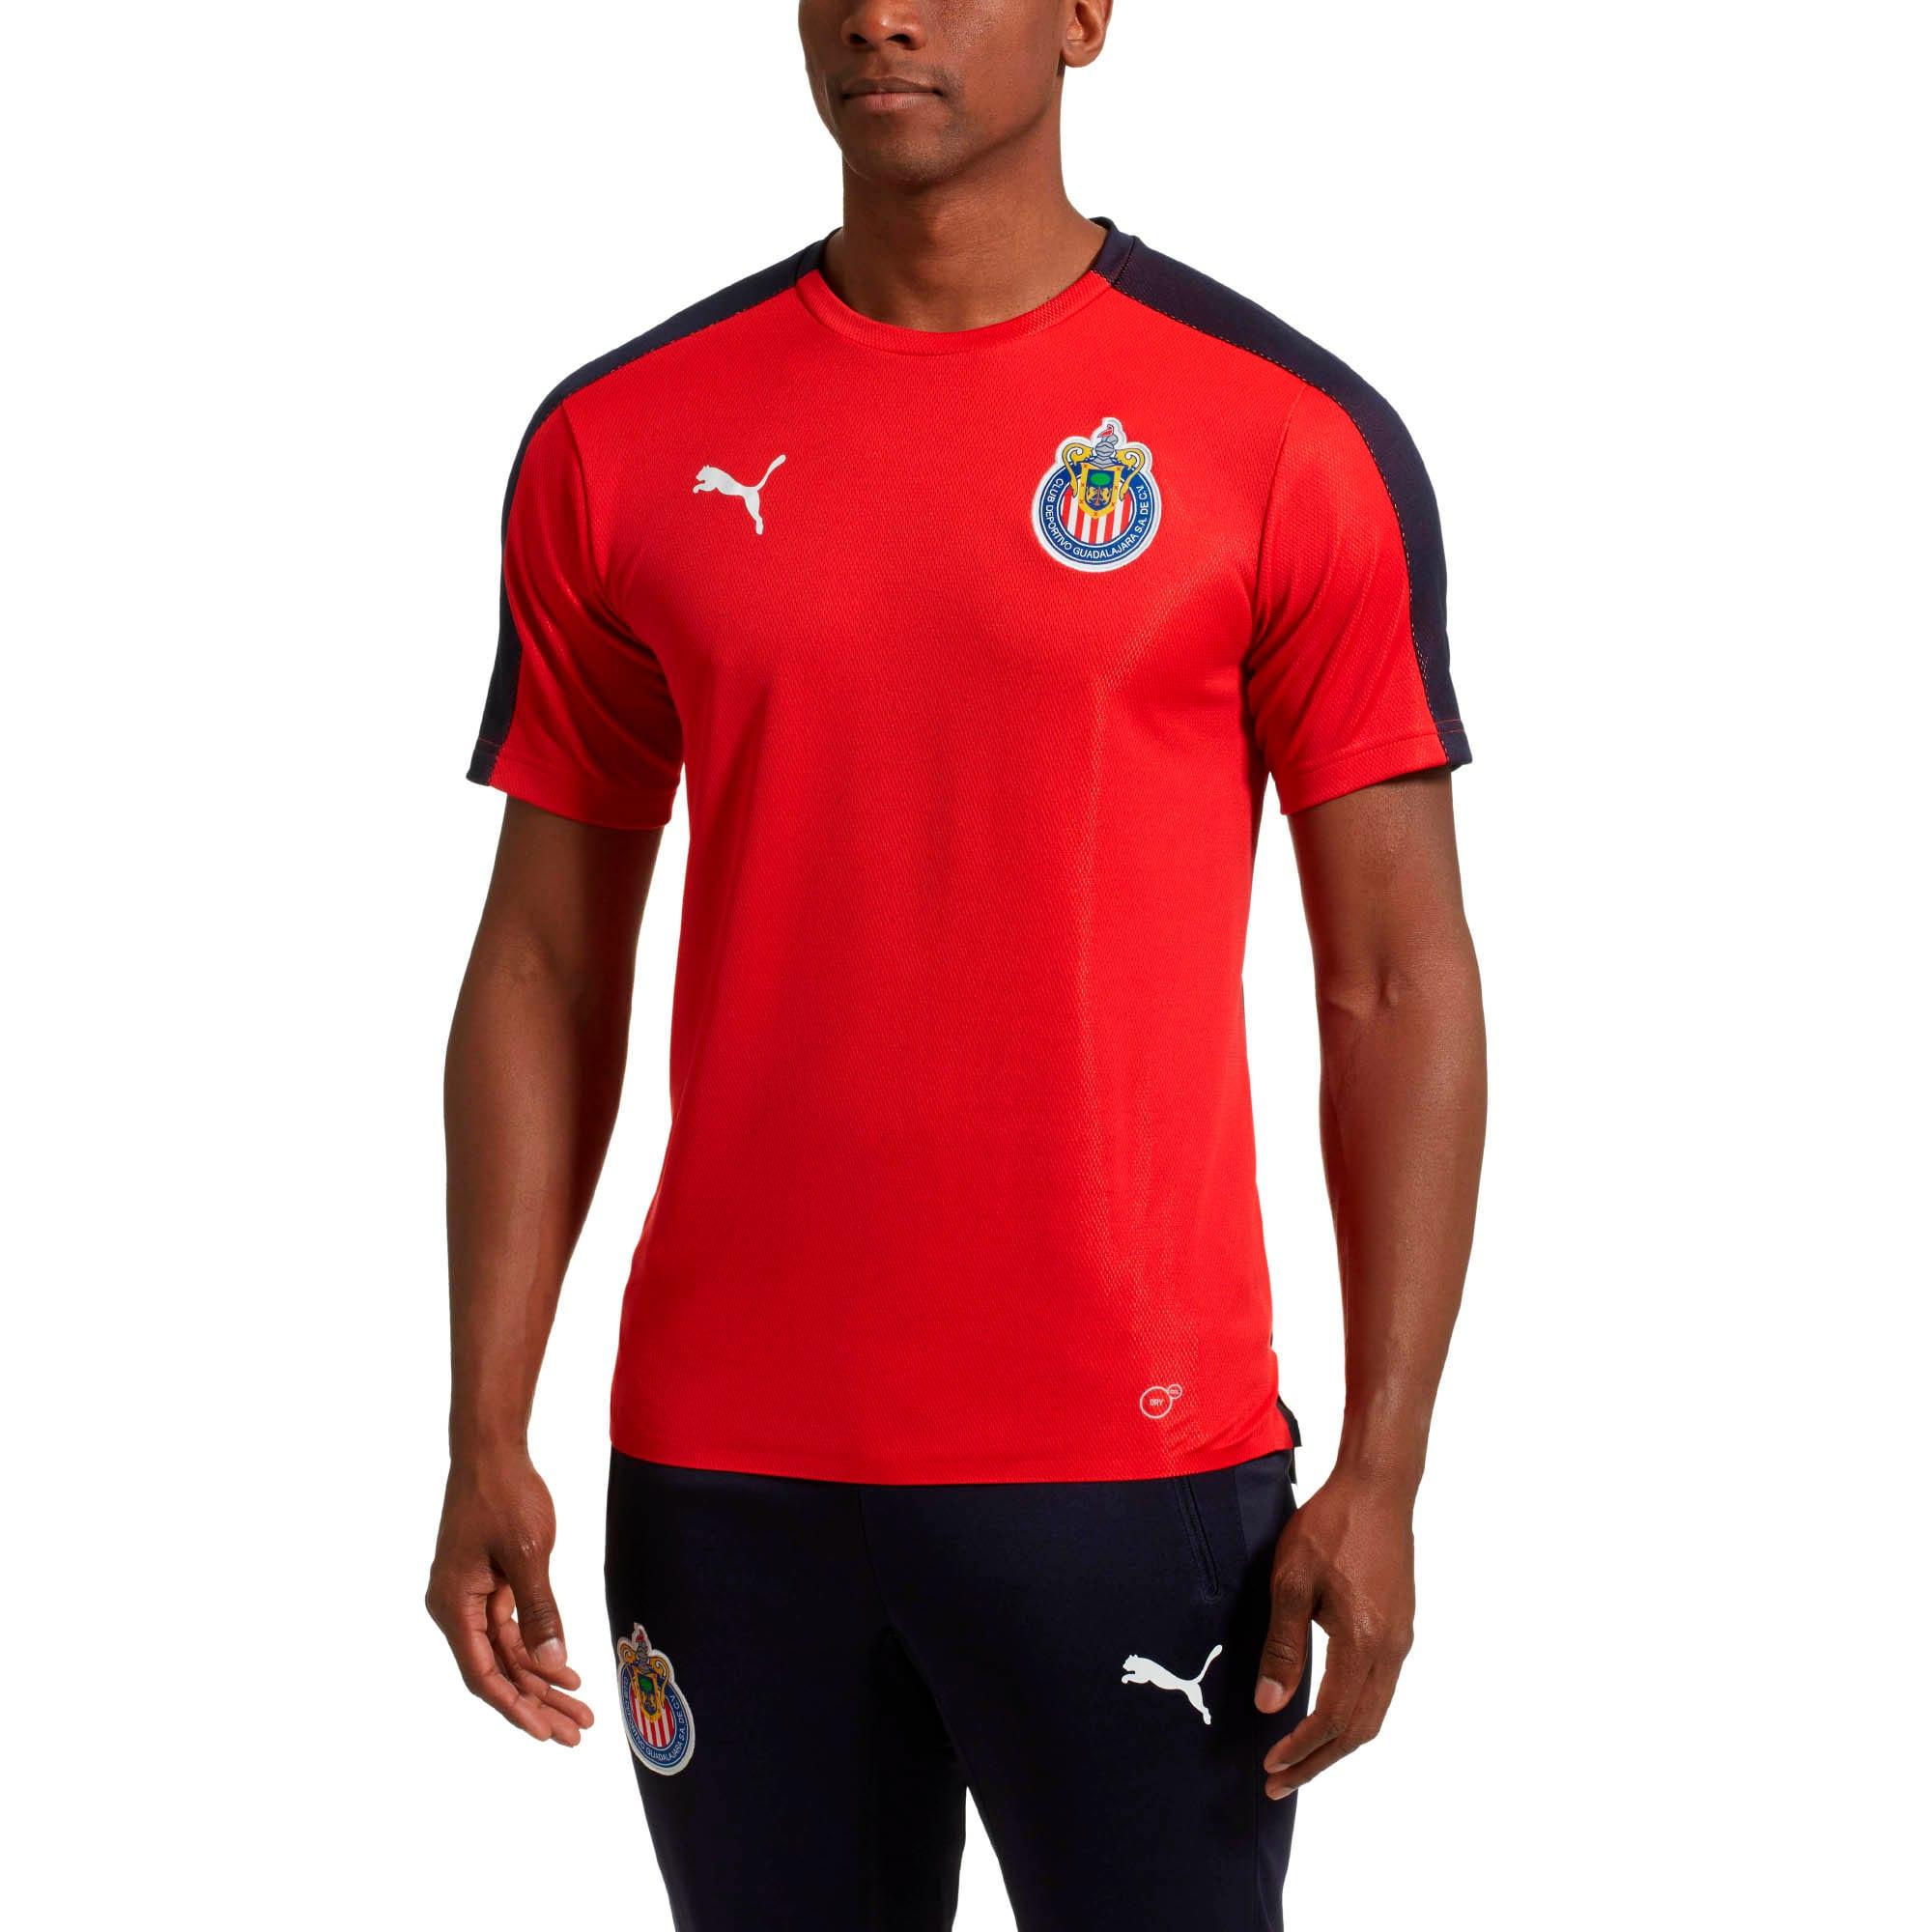 Miniatura 2 de CamisetaChivas Stadium, Puma Red, mediano